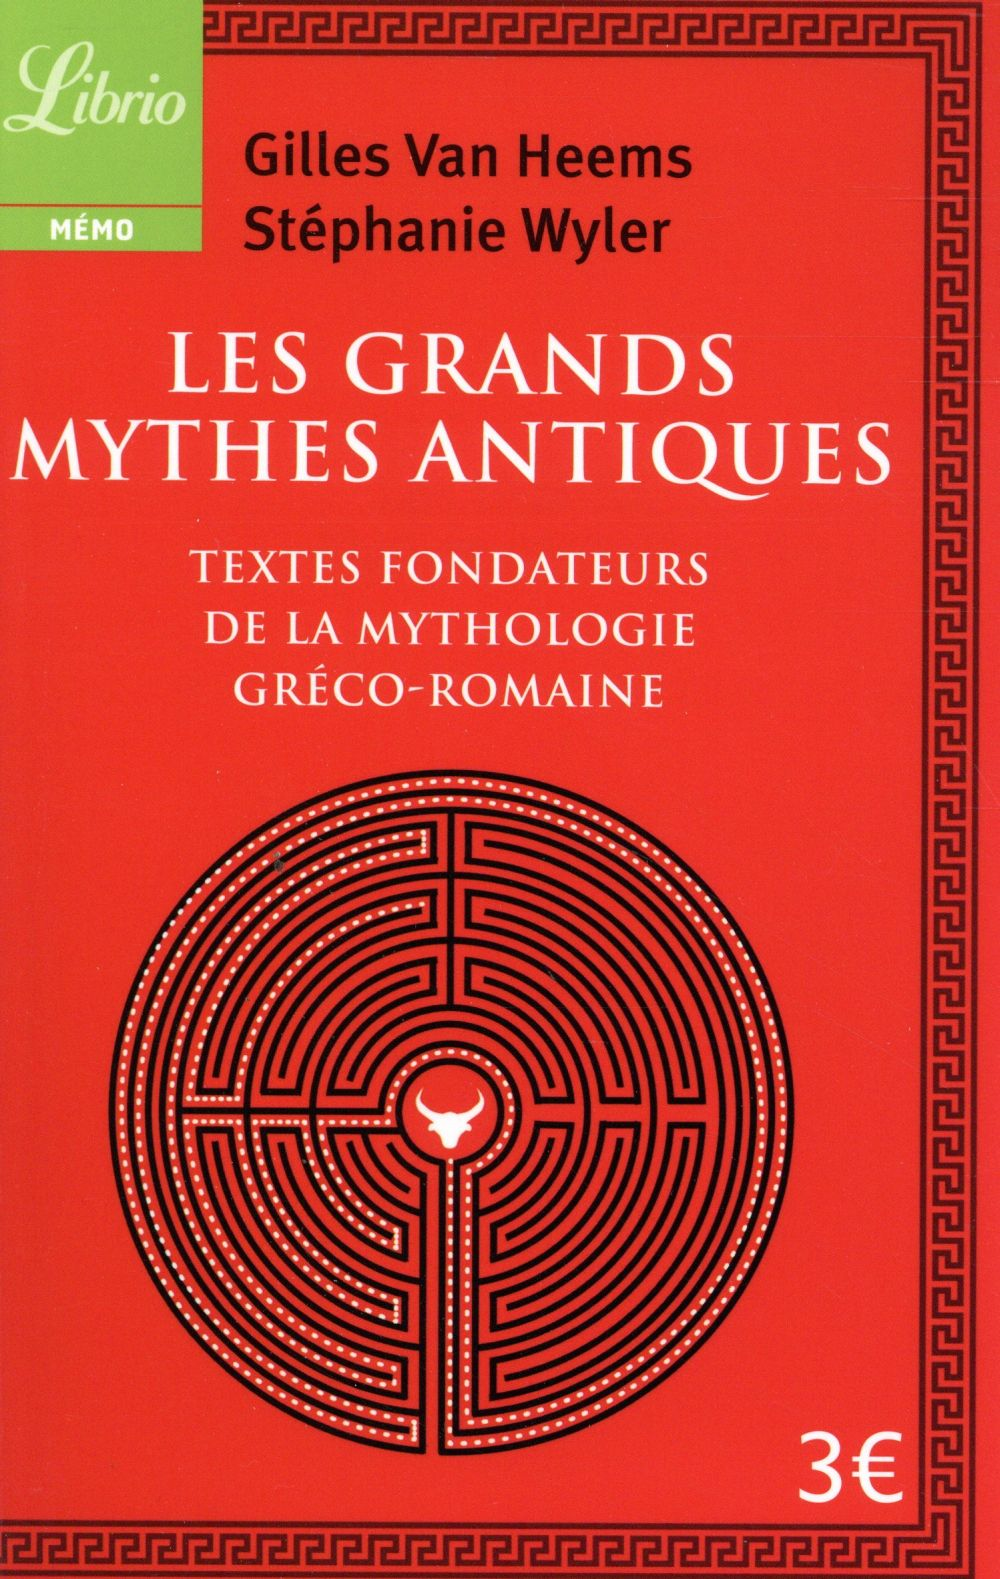 MYTHES ANTIQUES (NE) (LES)